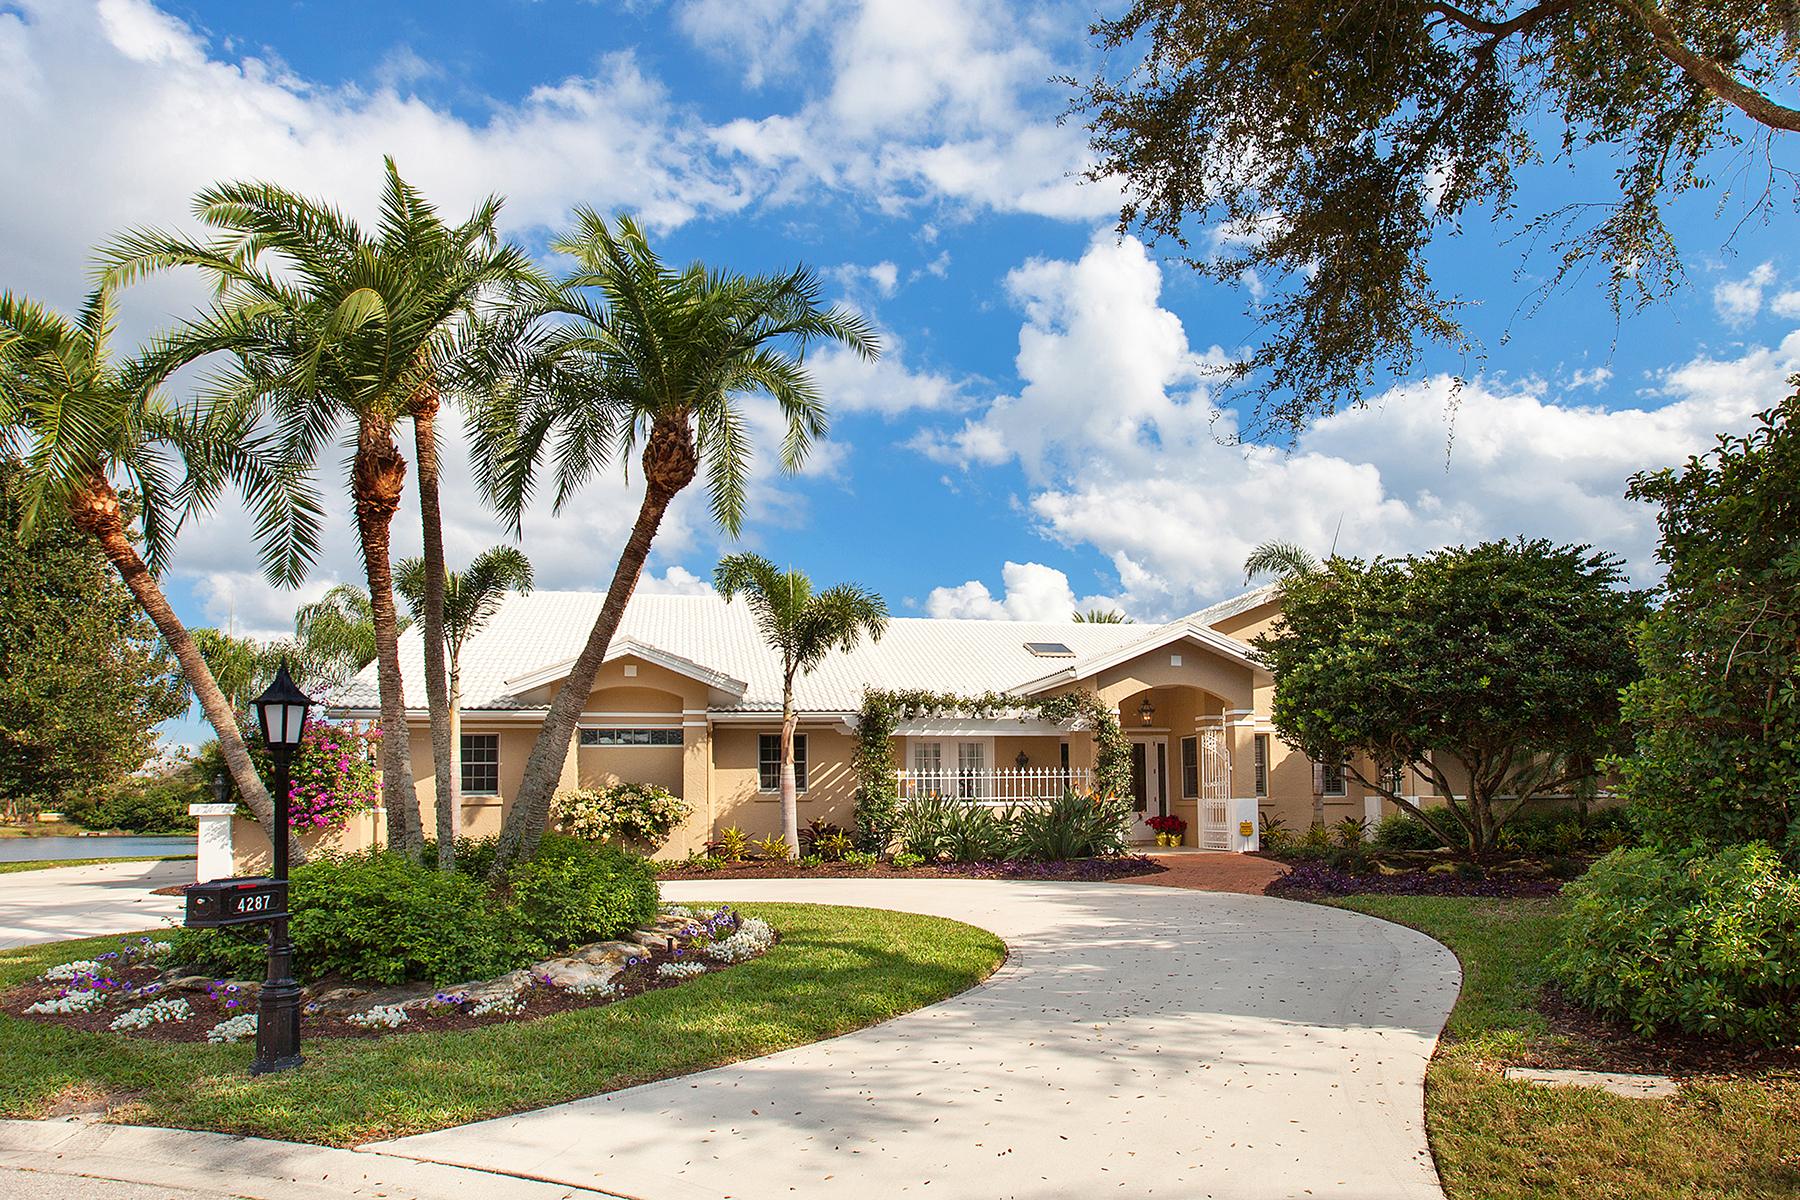 Maison unifamiliale pour l Vente à PRESTANCIA 4287 Escondito Cir Sarasota, Florida 34238 États-Unis